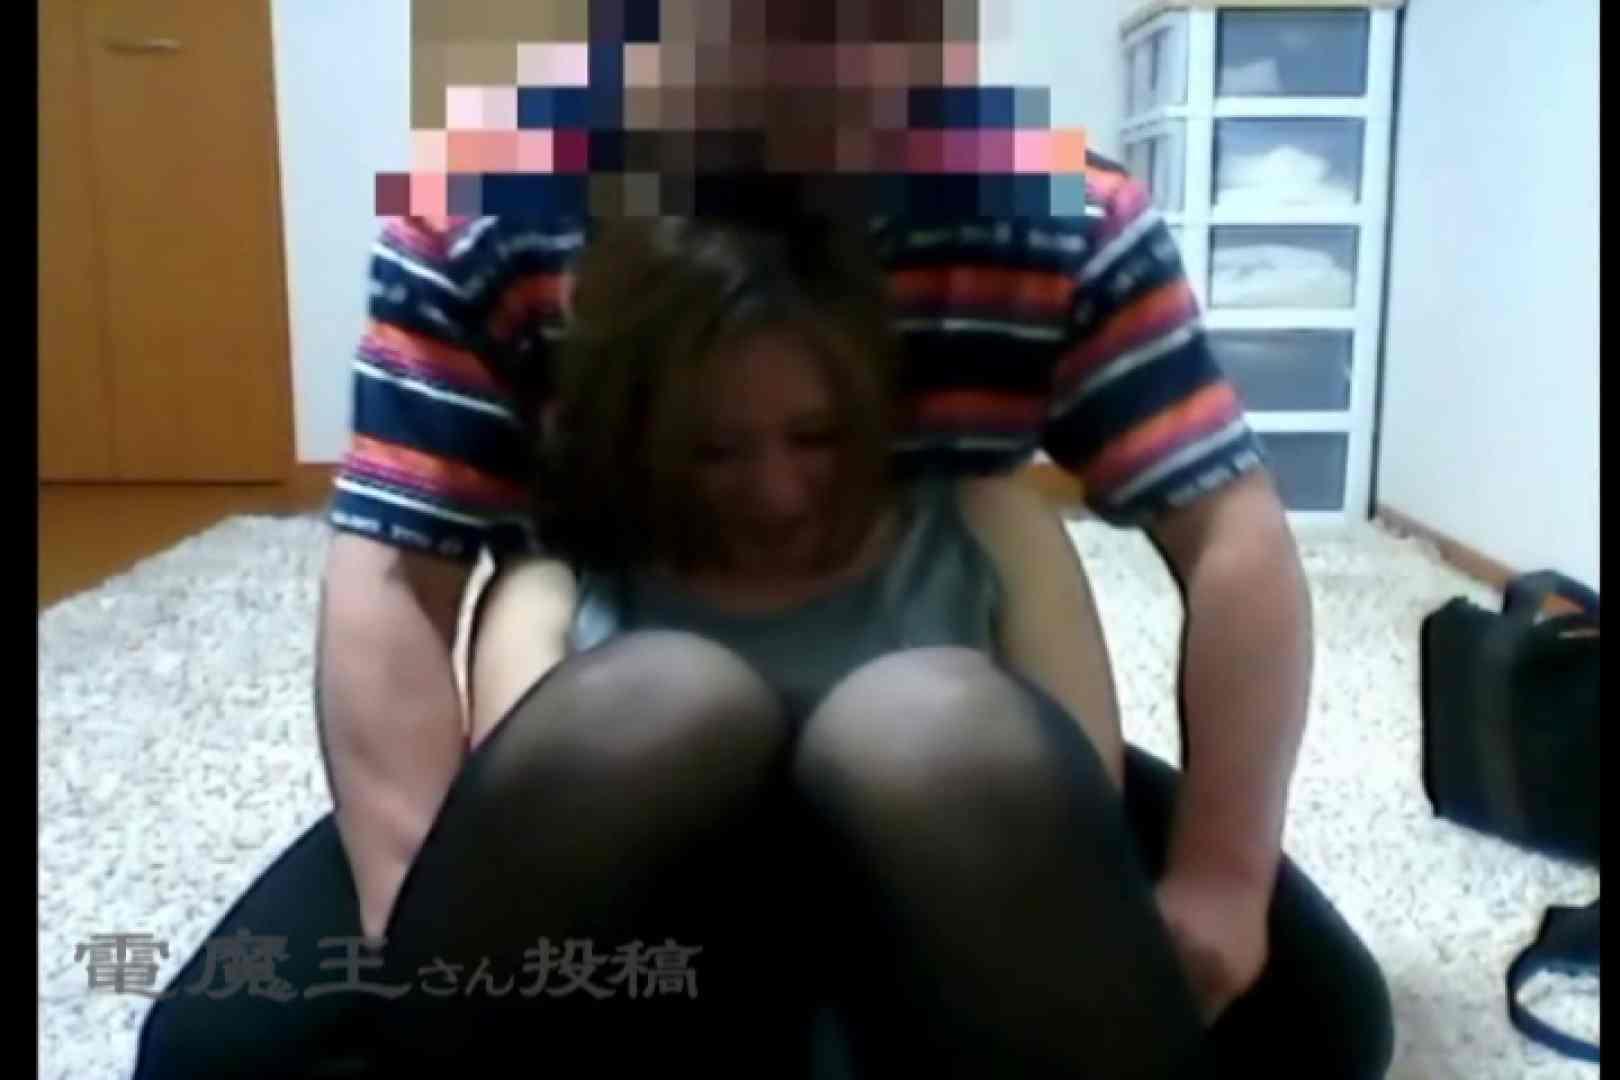 電魔王さんの「隠撮の部屋」カエデ 隠撮 | 美女のエッチ  65pic 57